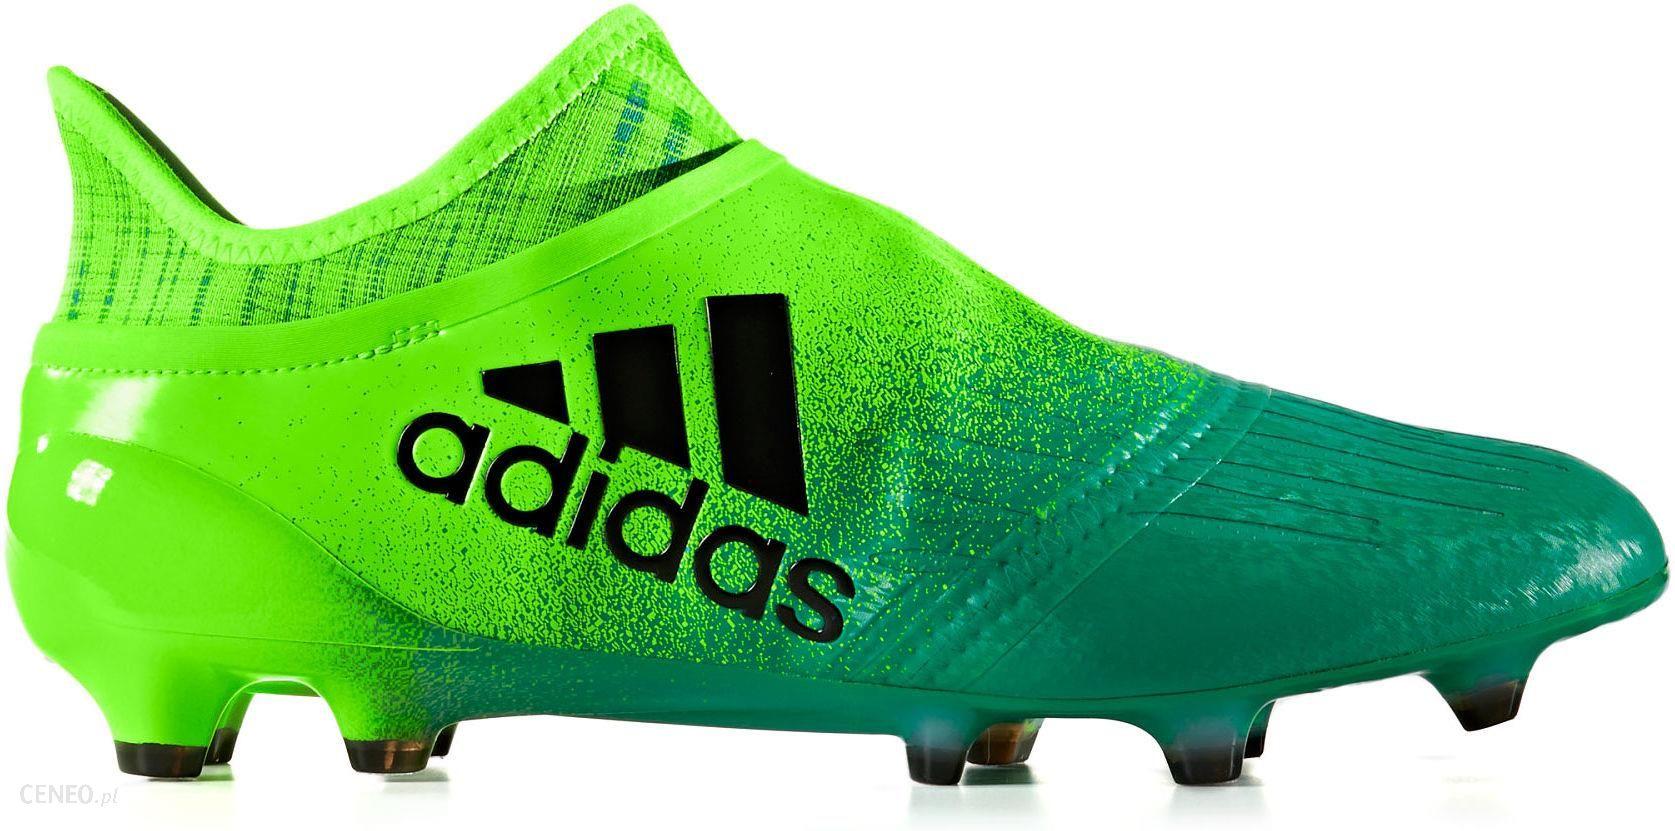 Adidas Buty Piłkarskie Korki X 16+ Purechaos Fg Zielone Bb1075 Ceny i opinie Ceneo.pl